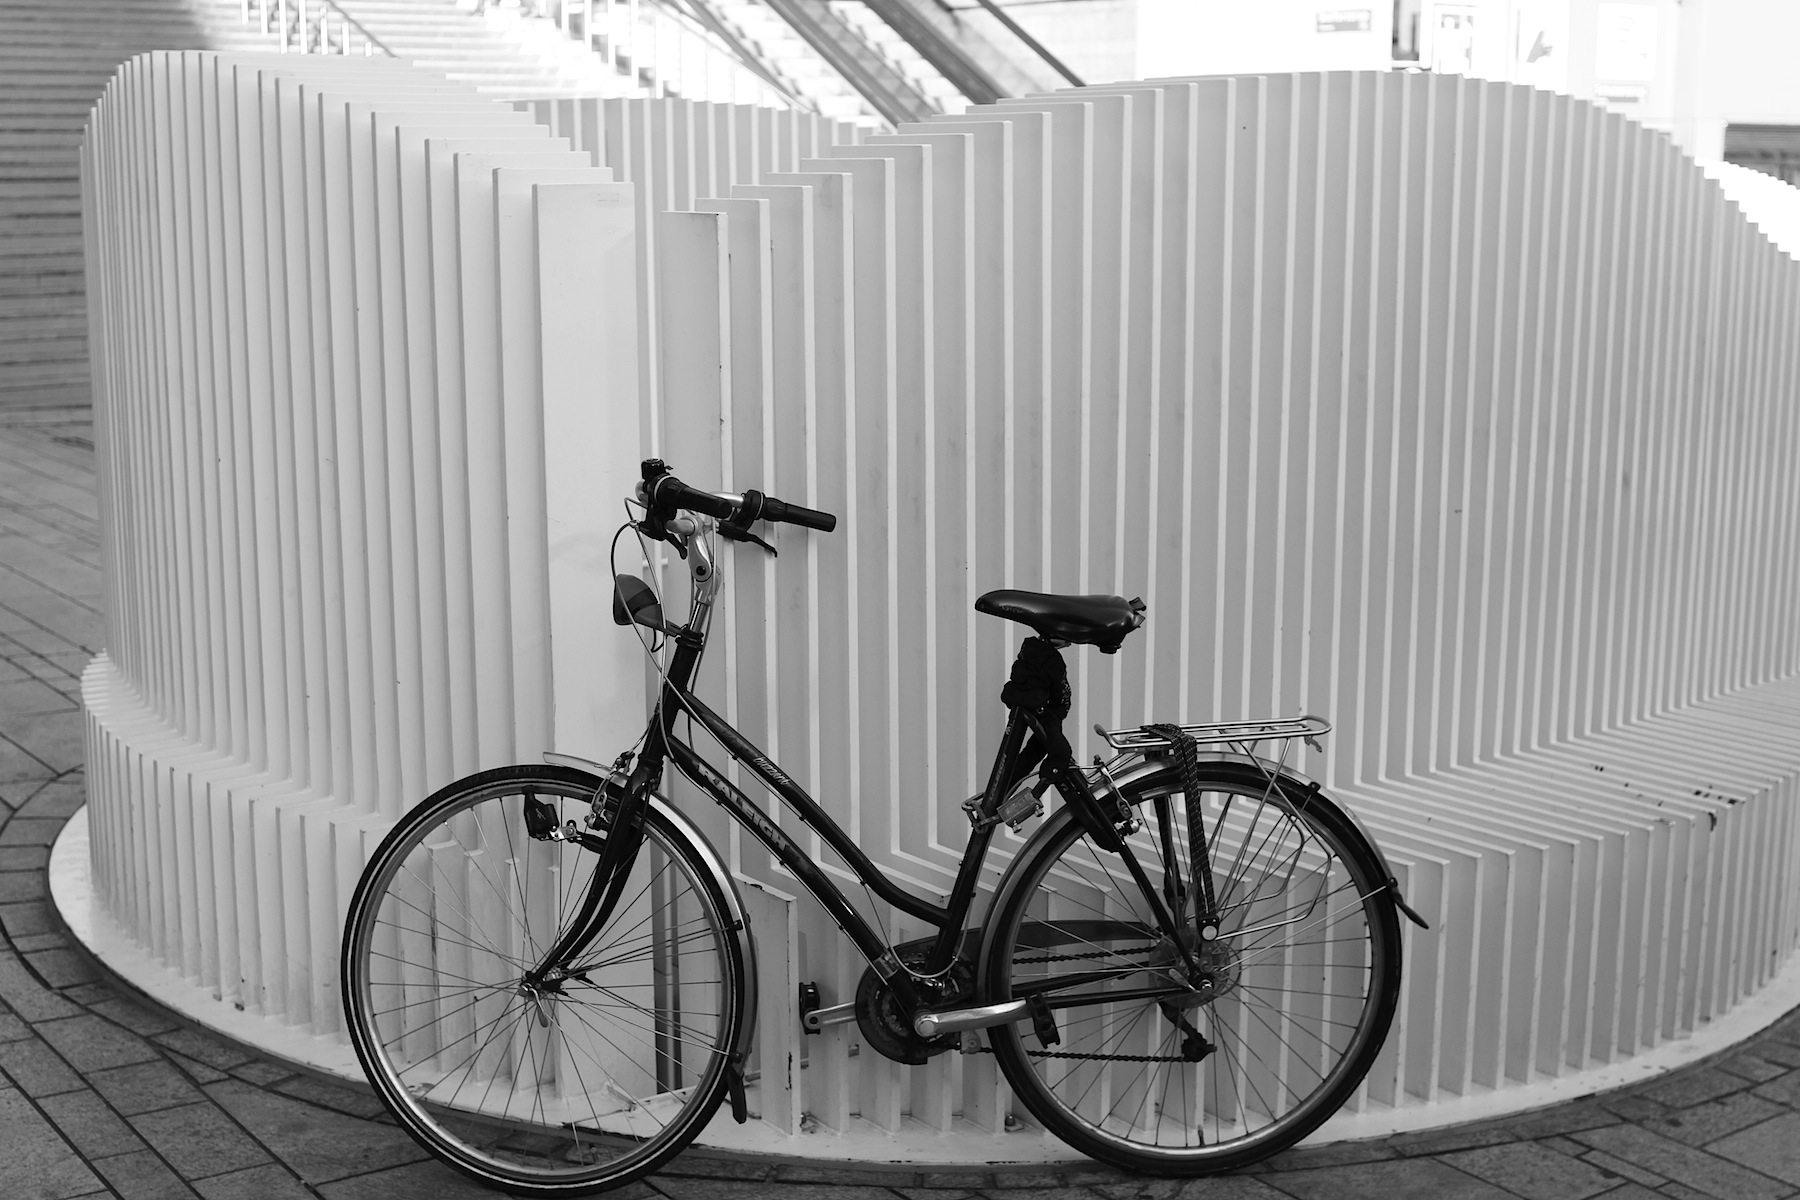 Almere-Design. Warum einen einfachen Zaun und Sichtschutz bauen, wenn man Sitzmöglichkeiten integrieren kann (das Fahrrad ist nicht damit gemeint).